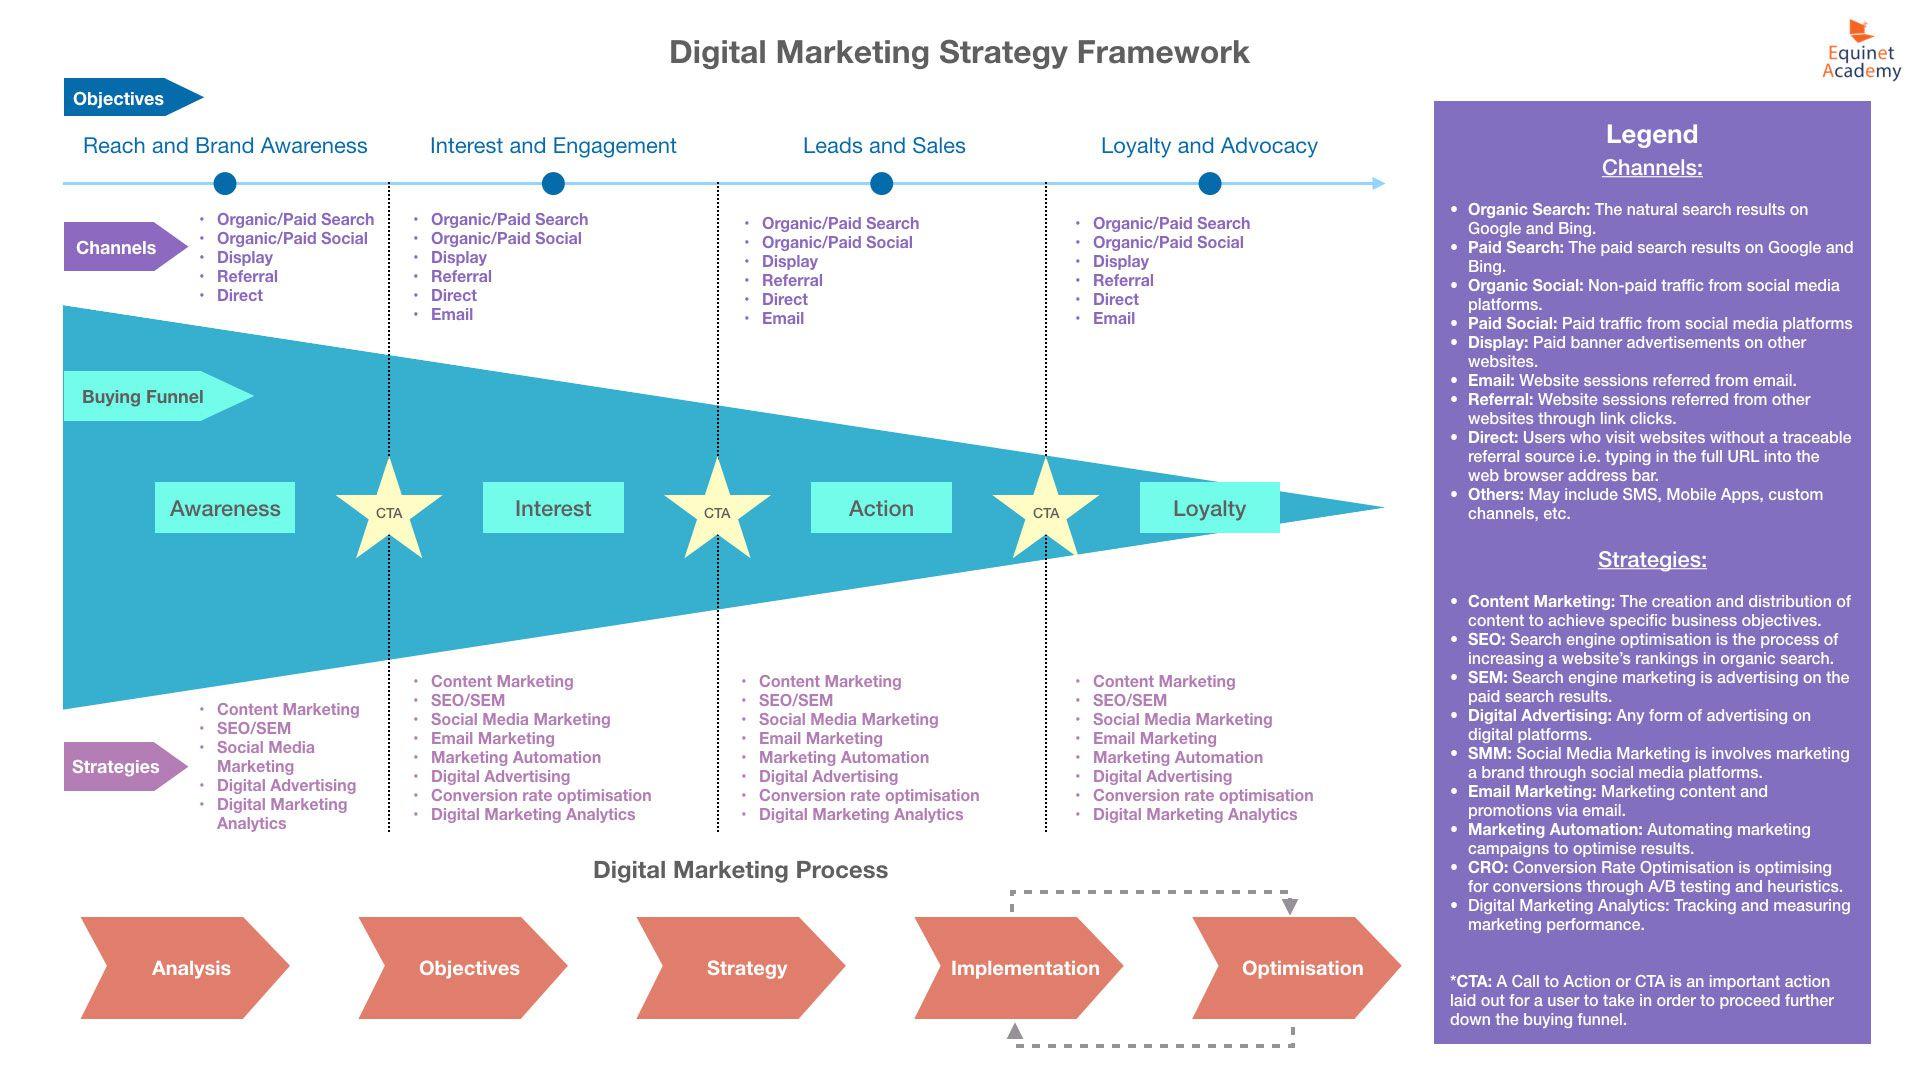 004 Breathtaking Social Media Marketing Plan Template 2018 Sample Full